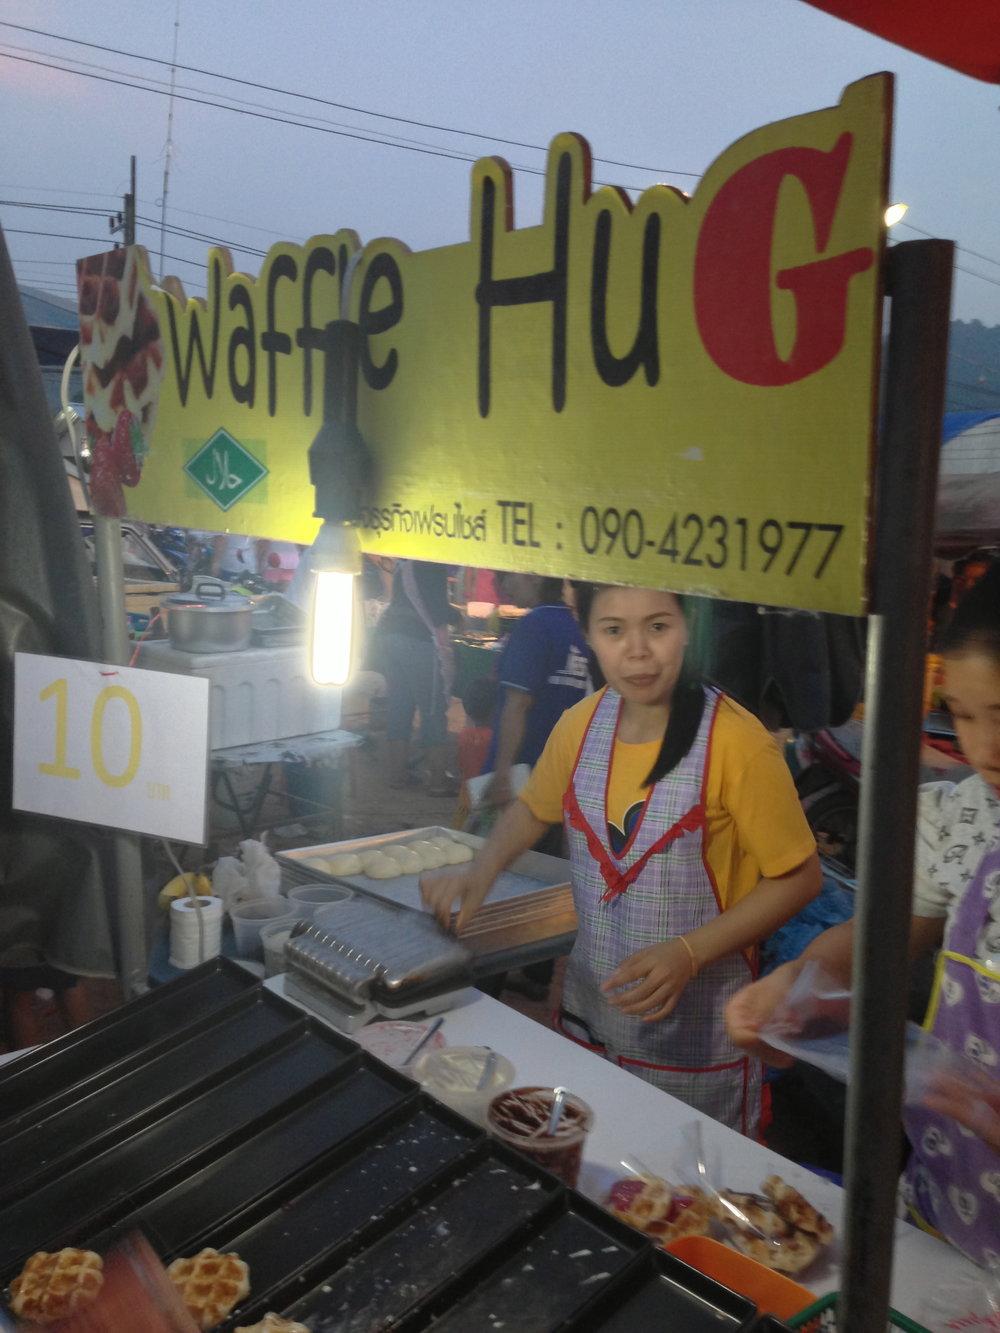 Everyone deserves a Waffle Hug.